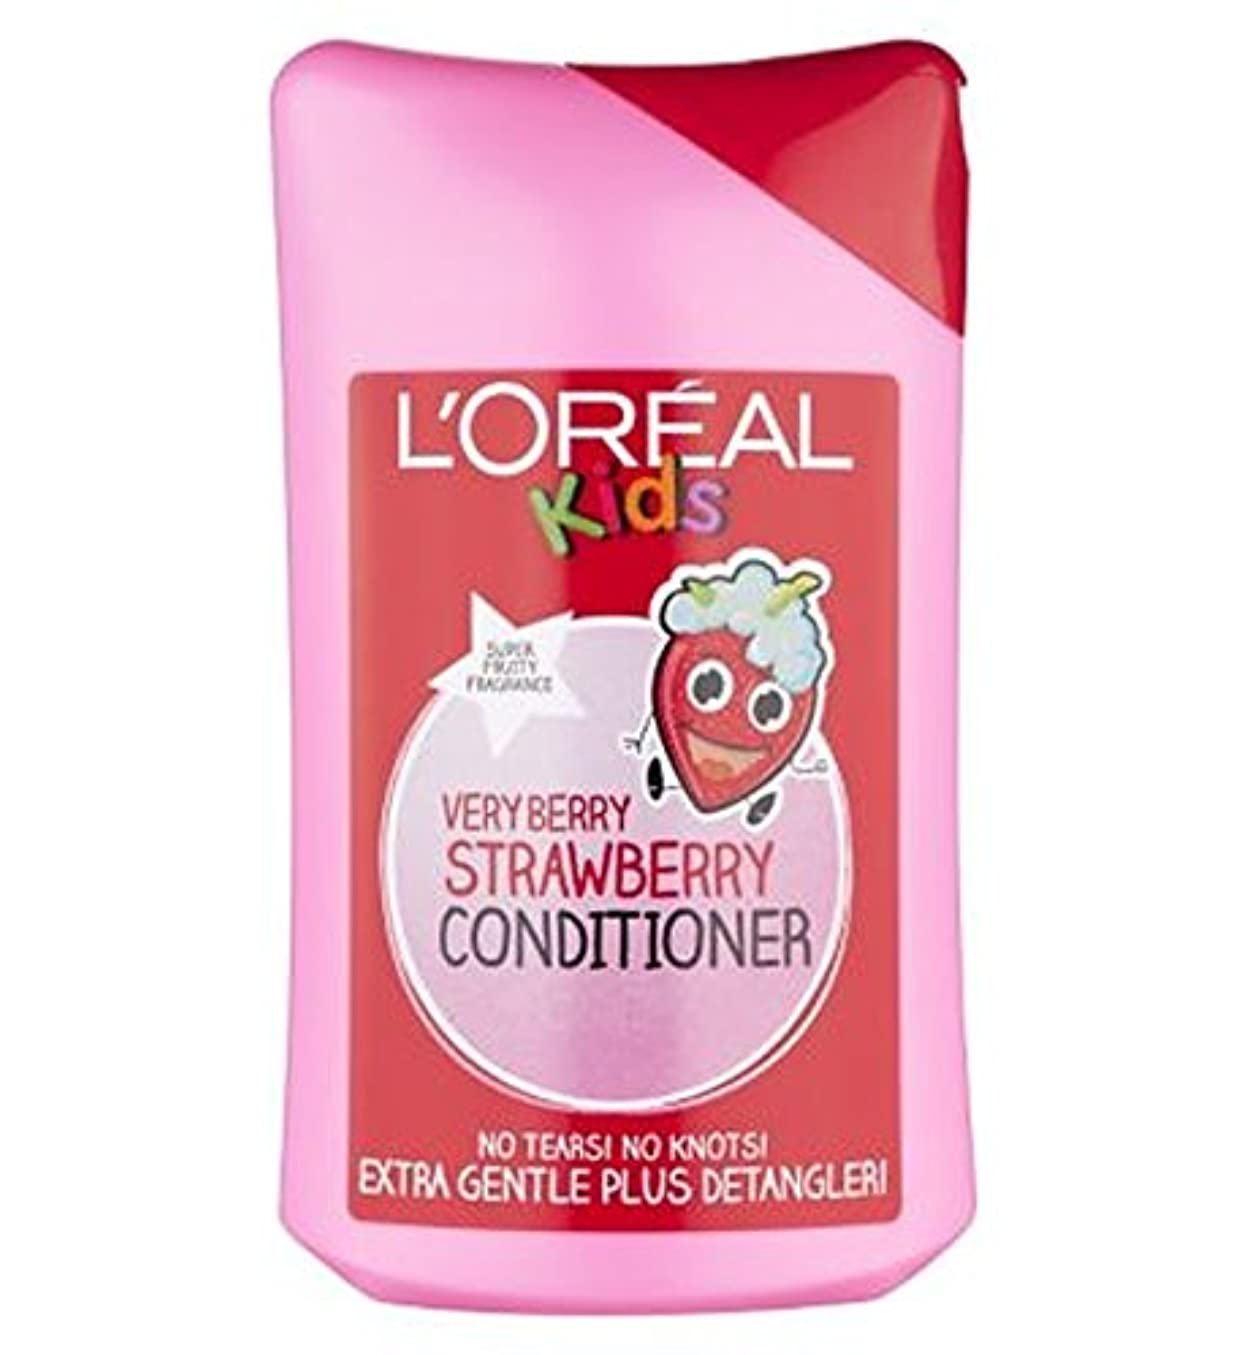 リンス最初は殺人L'Oreall Kids Extra Gentle Very Berry Strawberry Conditioner 250ml - L'Oreall子供余分な穏やかな非常にベリーストロベリーコンディショナー250ミリリットル...